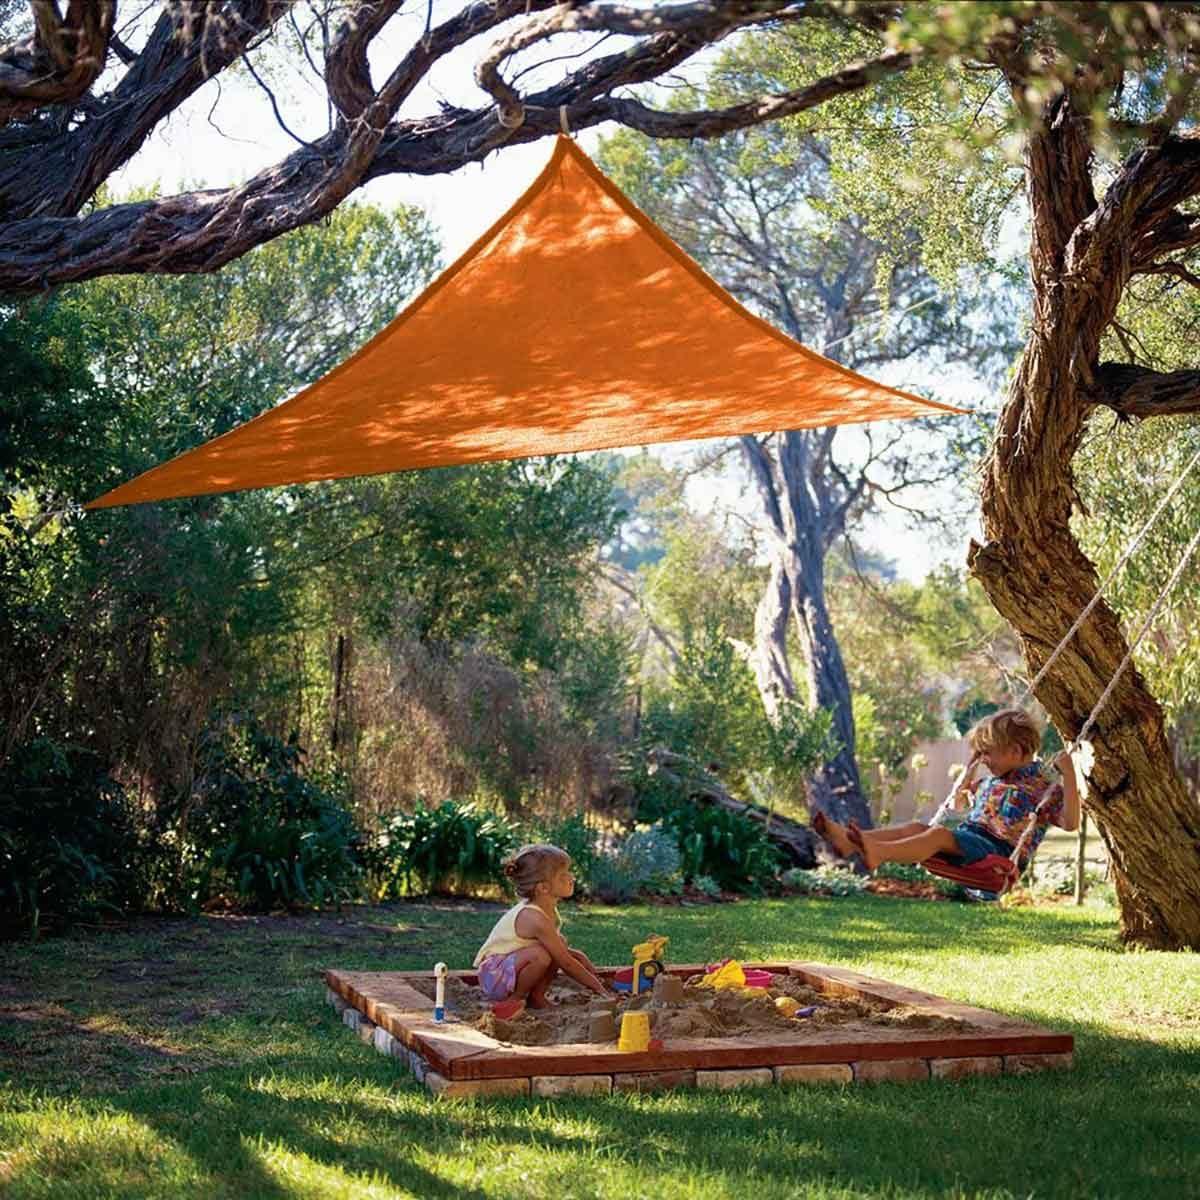 Orange shade sail